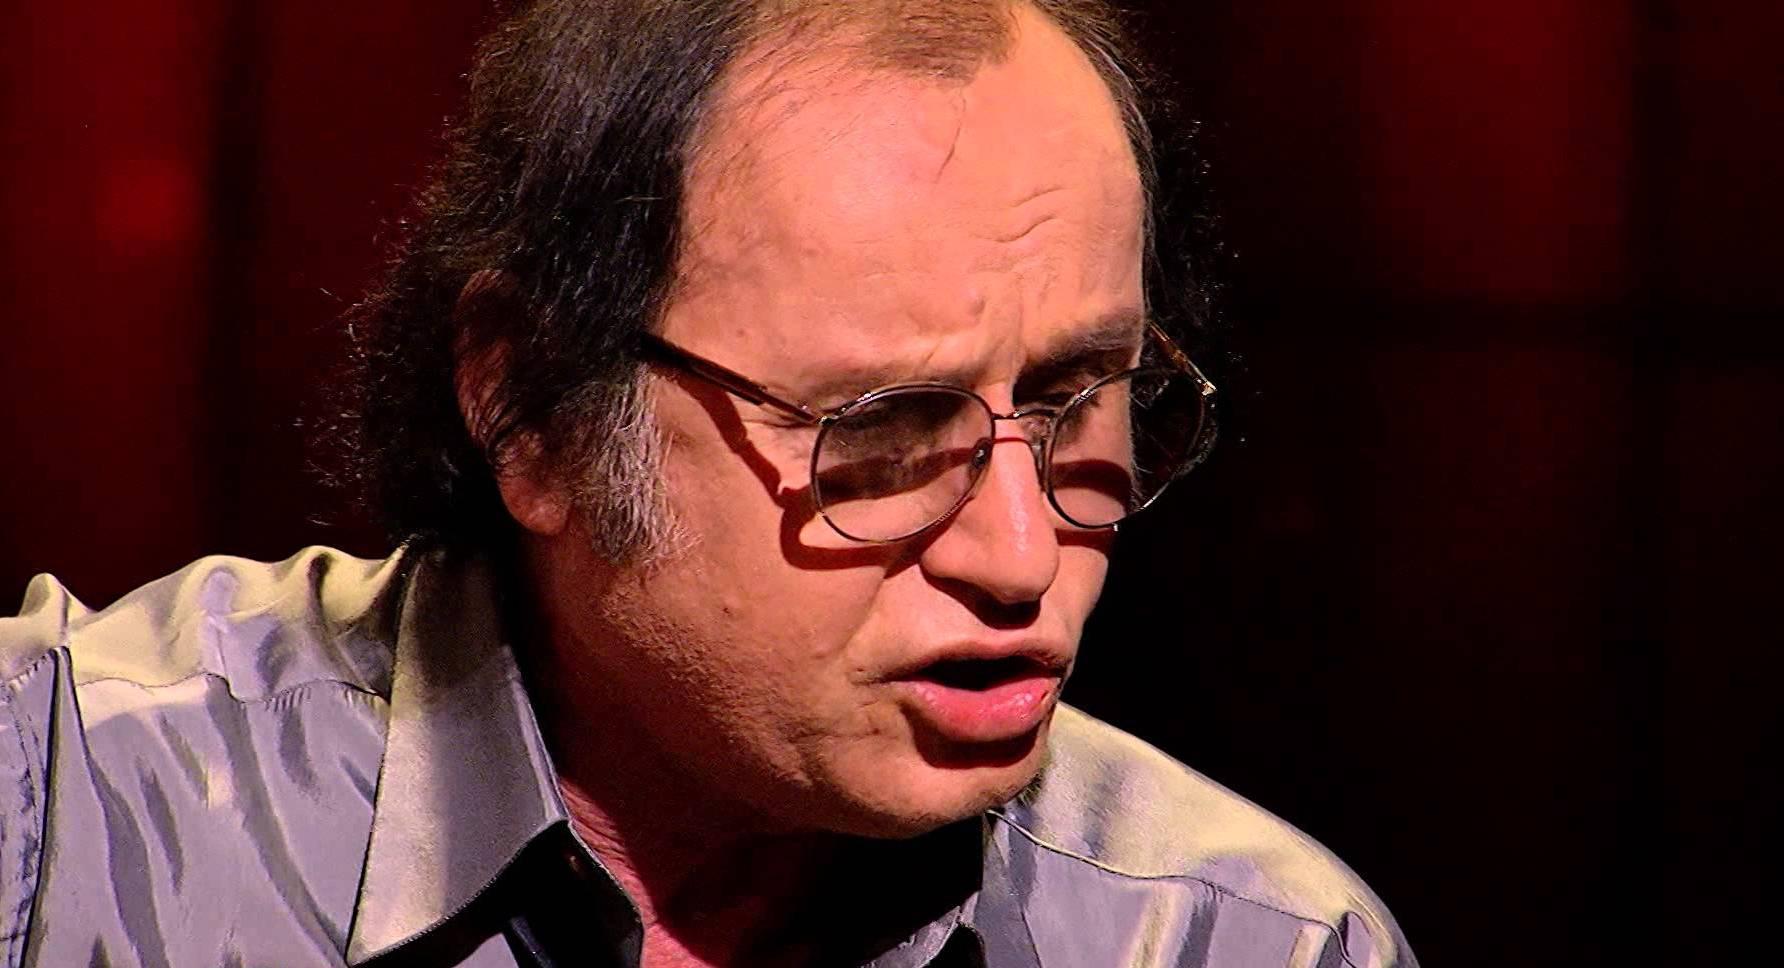 Prominent Albanian singer and songwriter Francesk Radi dies aged 67